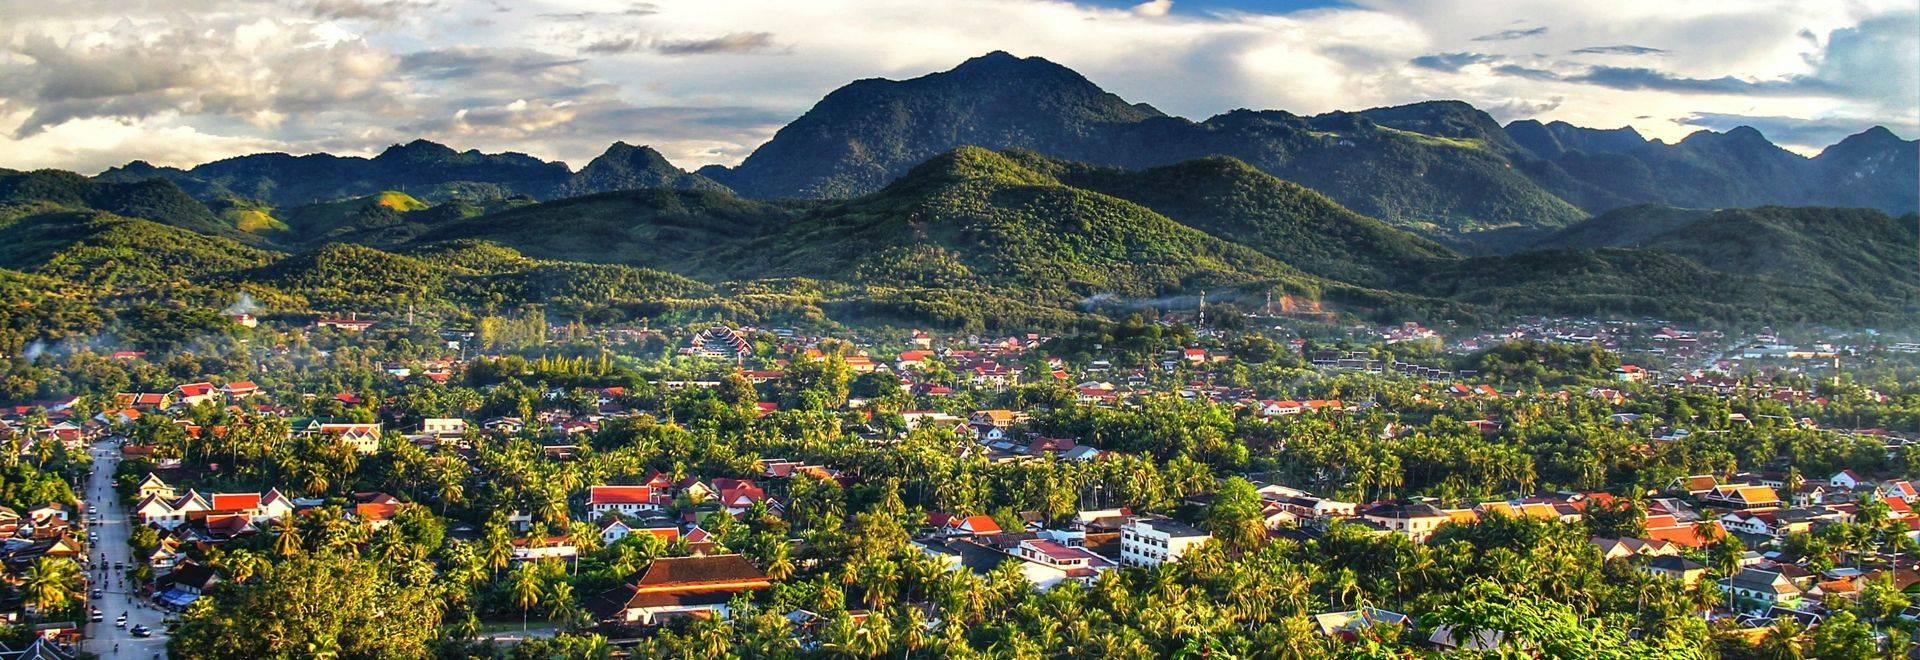 GettyImages 982633432 Luang Prabang